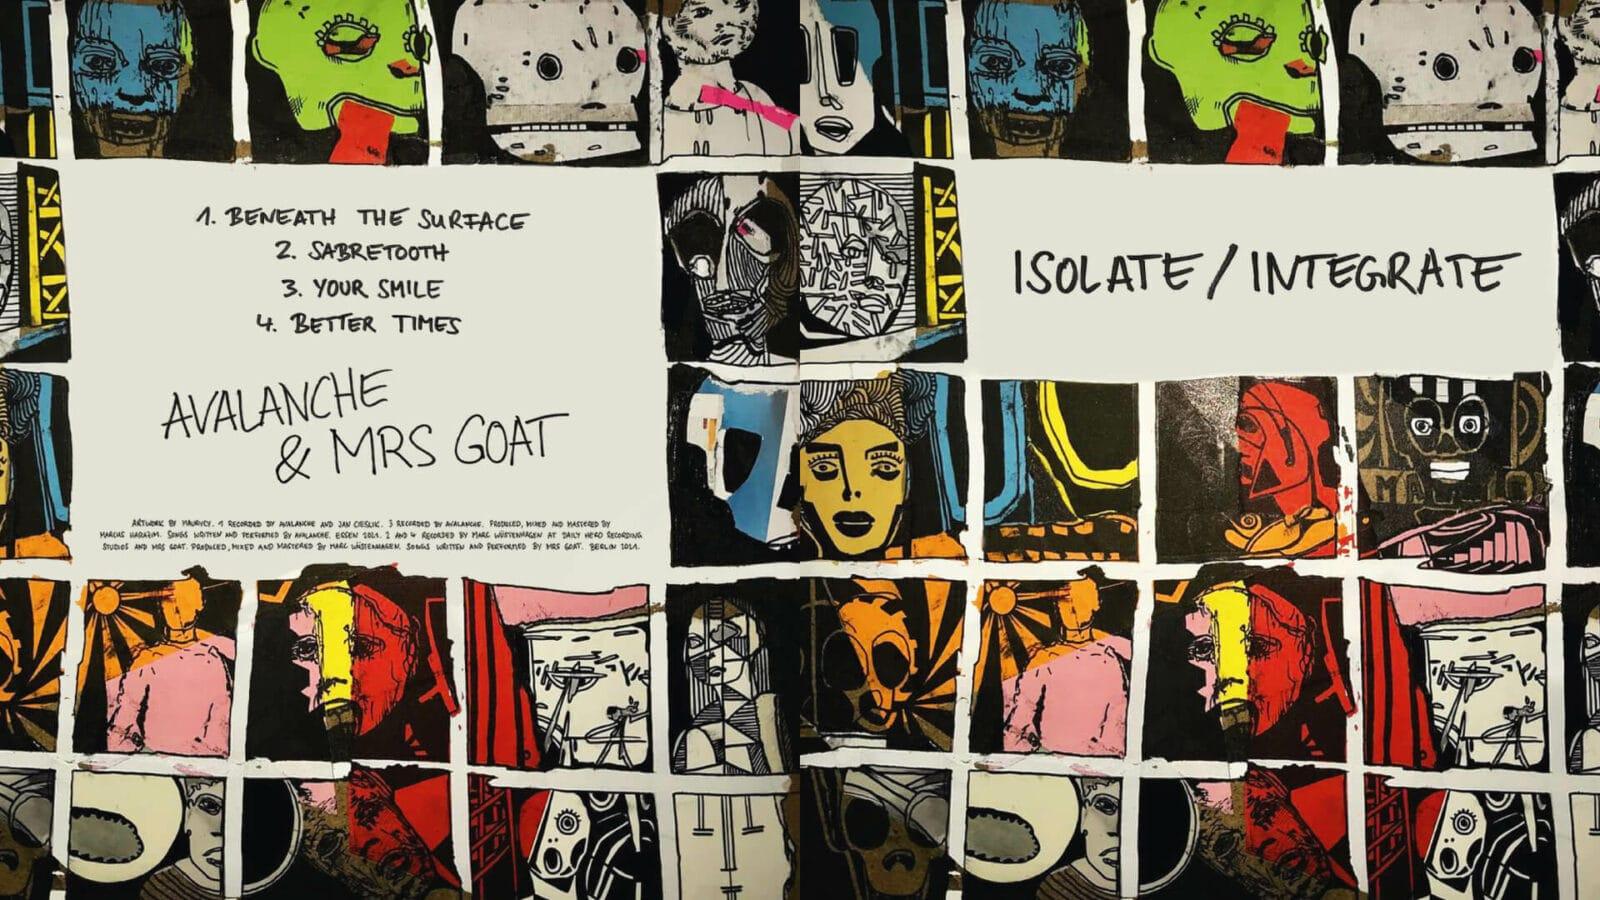 avalanche-mrs-goat-split-ep-header-1